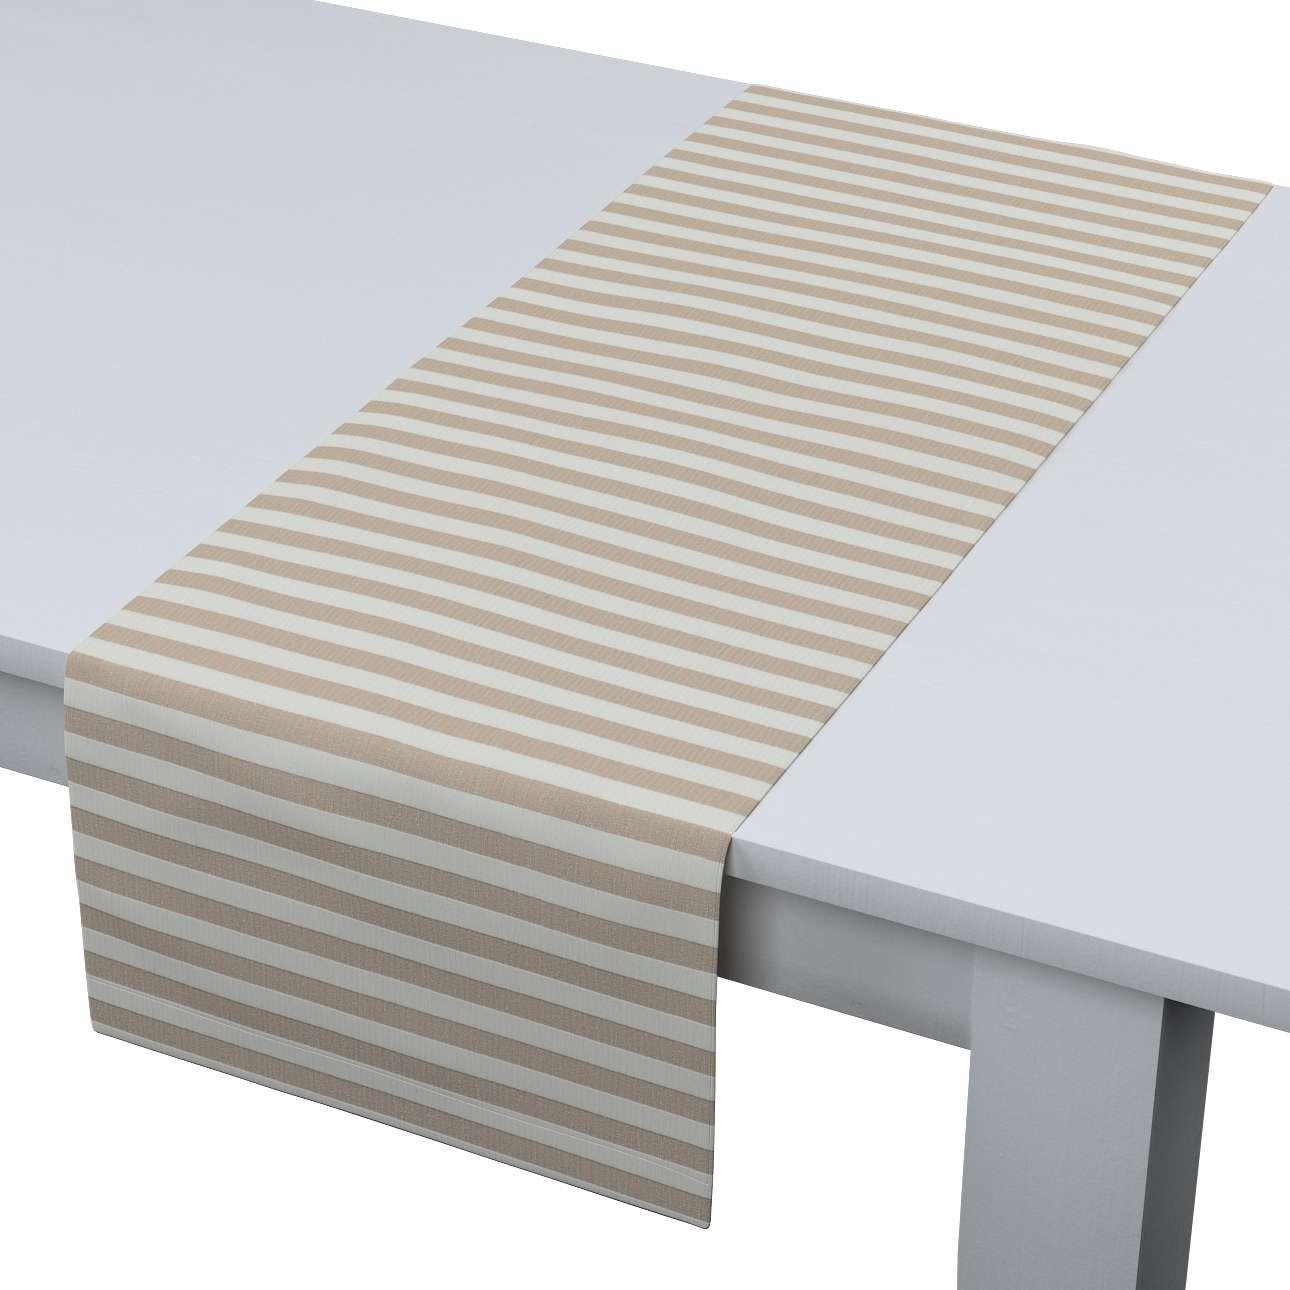 Bieżnik prostokątny 40x130 cm w kolekcji Quadro, tkanina: 136-07